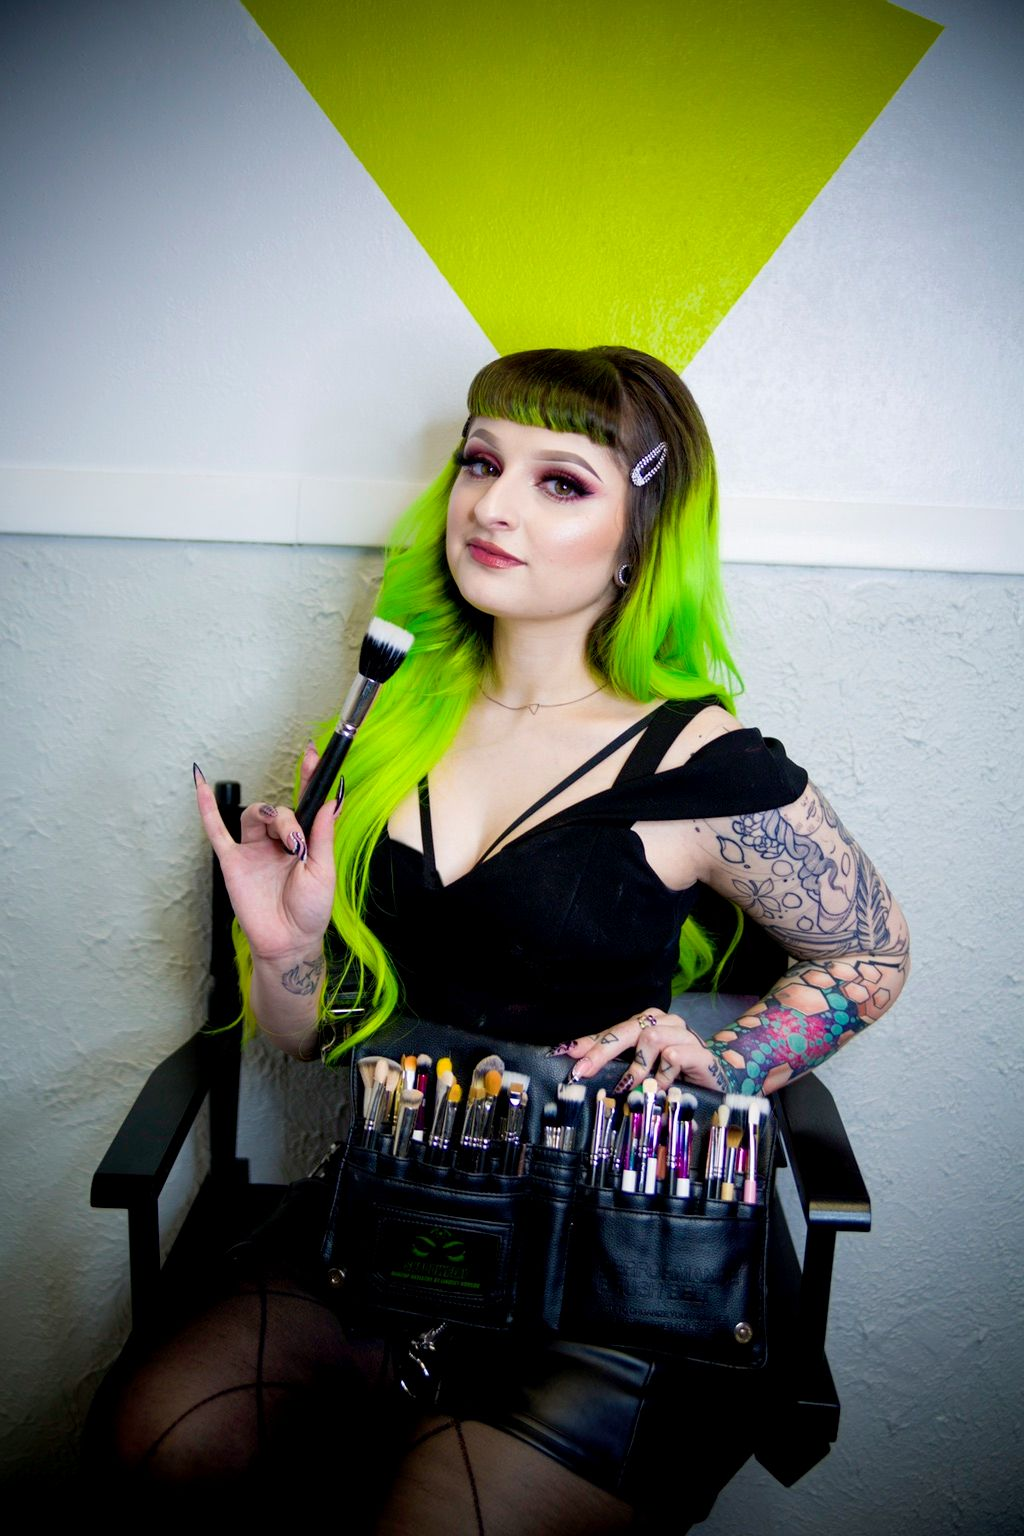 Lindsey Vonsur Makeup Artistry